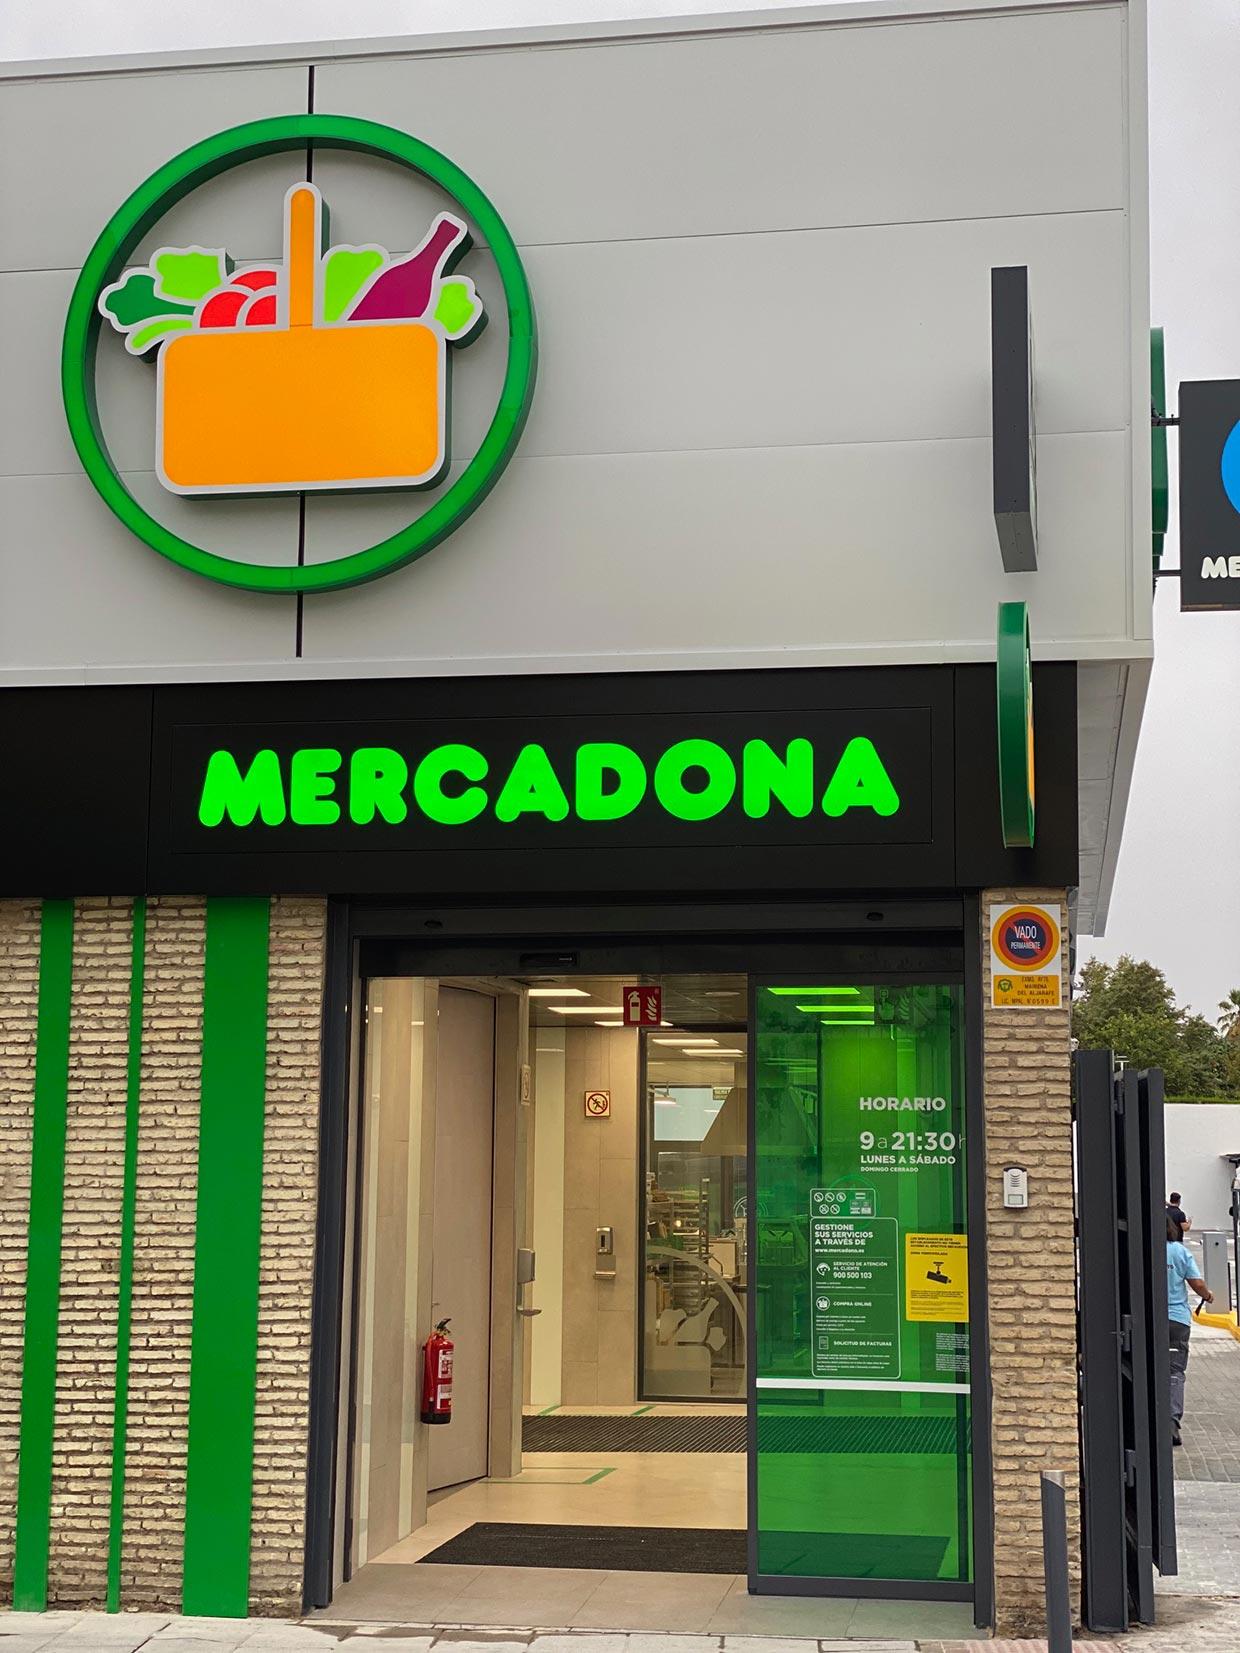 Obras y reformas para supermercados Mercadona en España